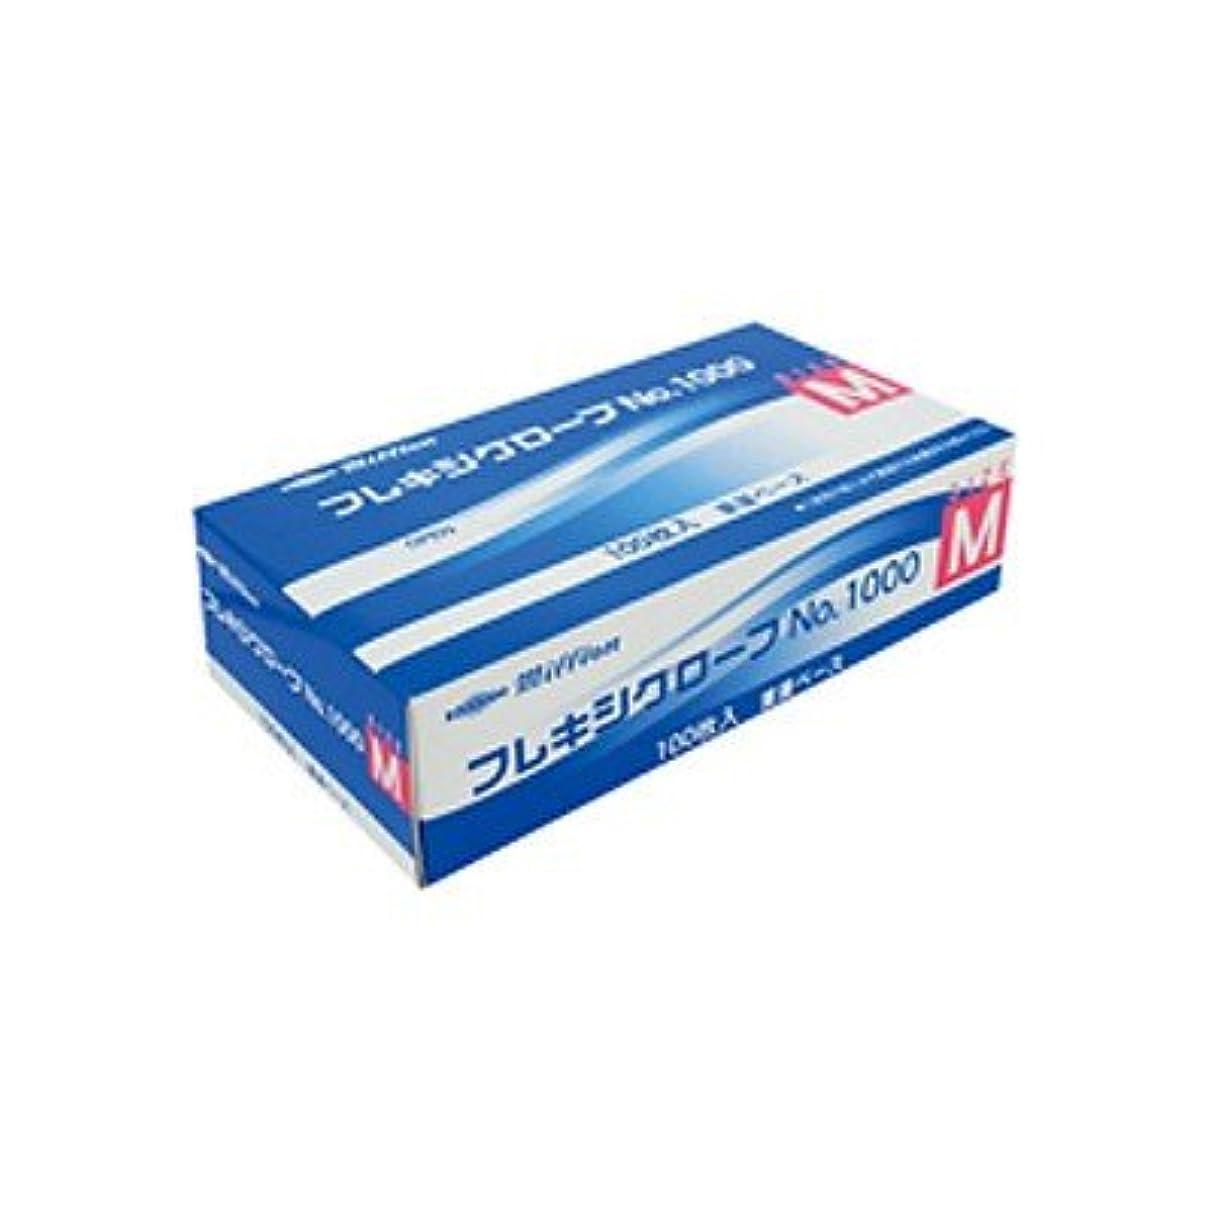 突っ込む故国差別化するミリオン プラスチック手袋 粉付No.1000 M 品番:LH-1000-M 注文番号:62741545 メーカー:共和